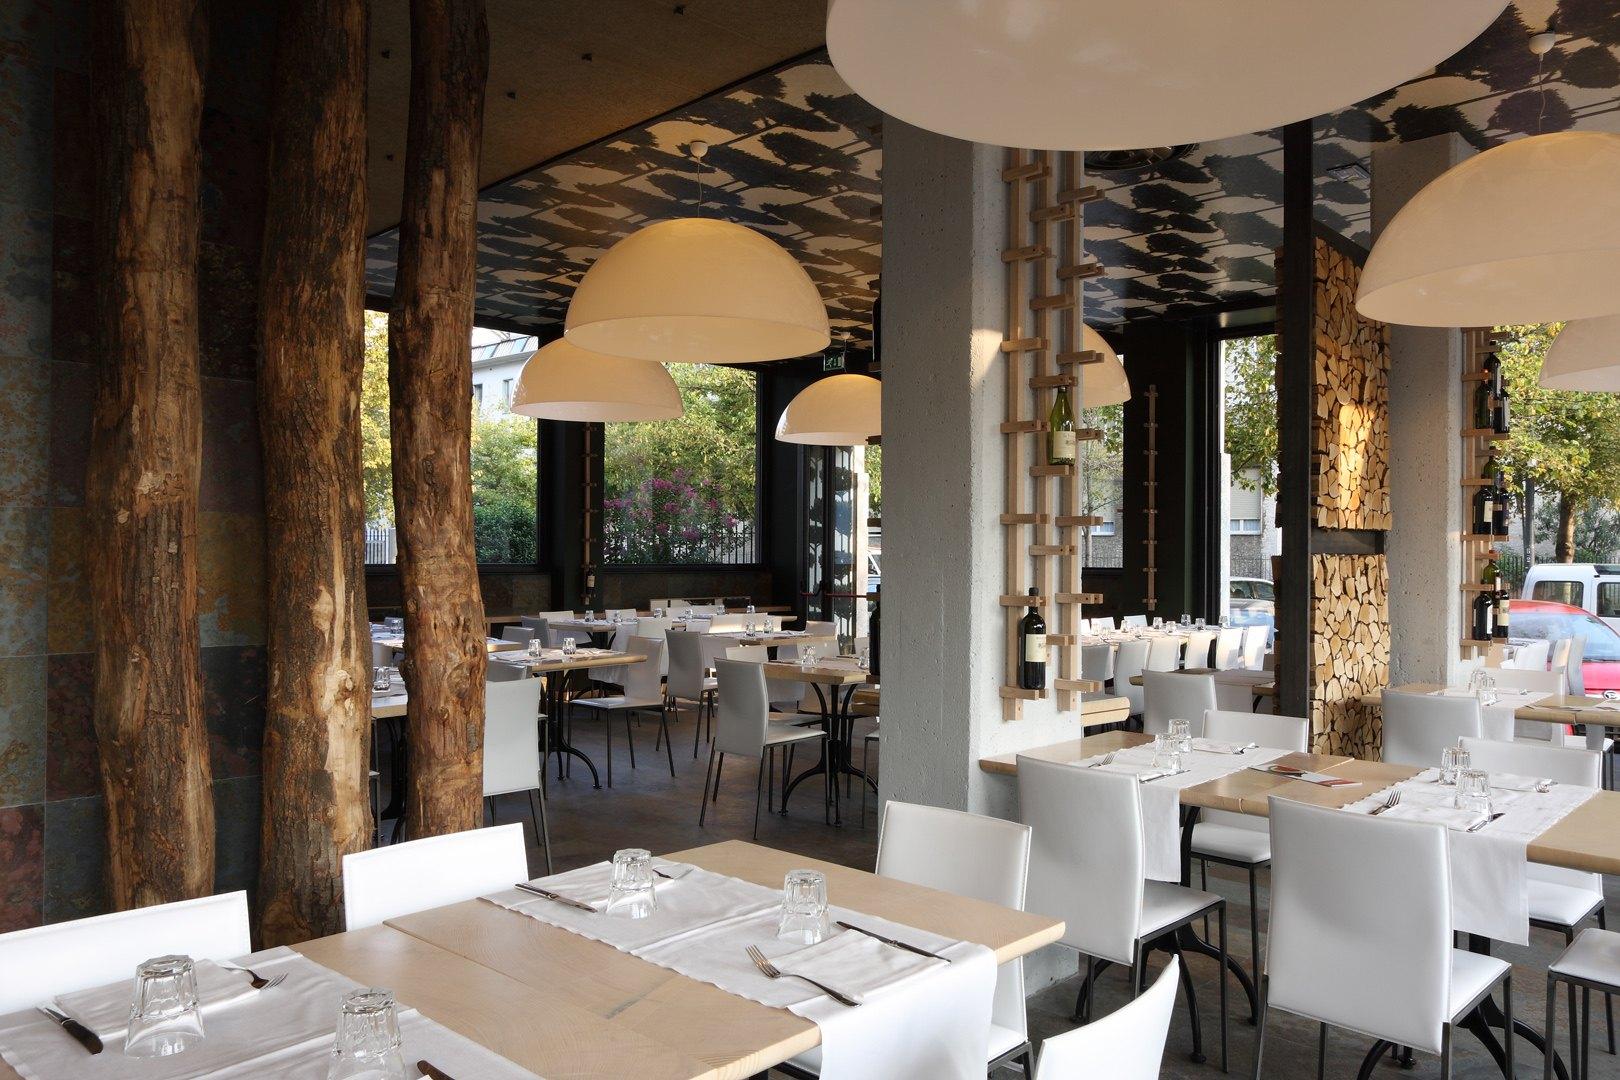 Grani e braci milano gallerie agrodolce for Design di interni milano